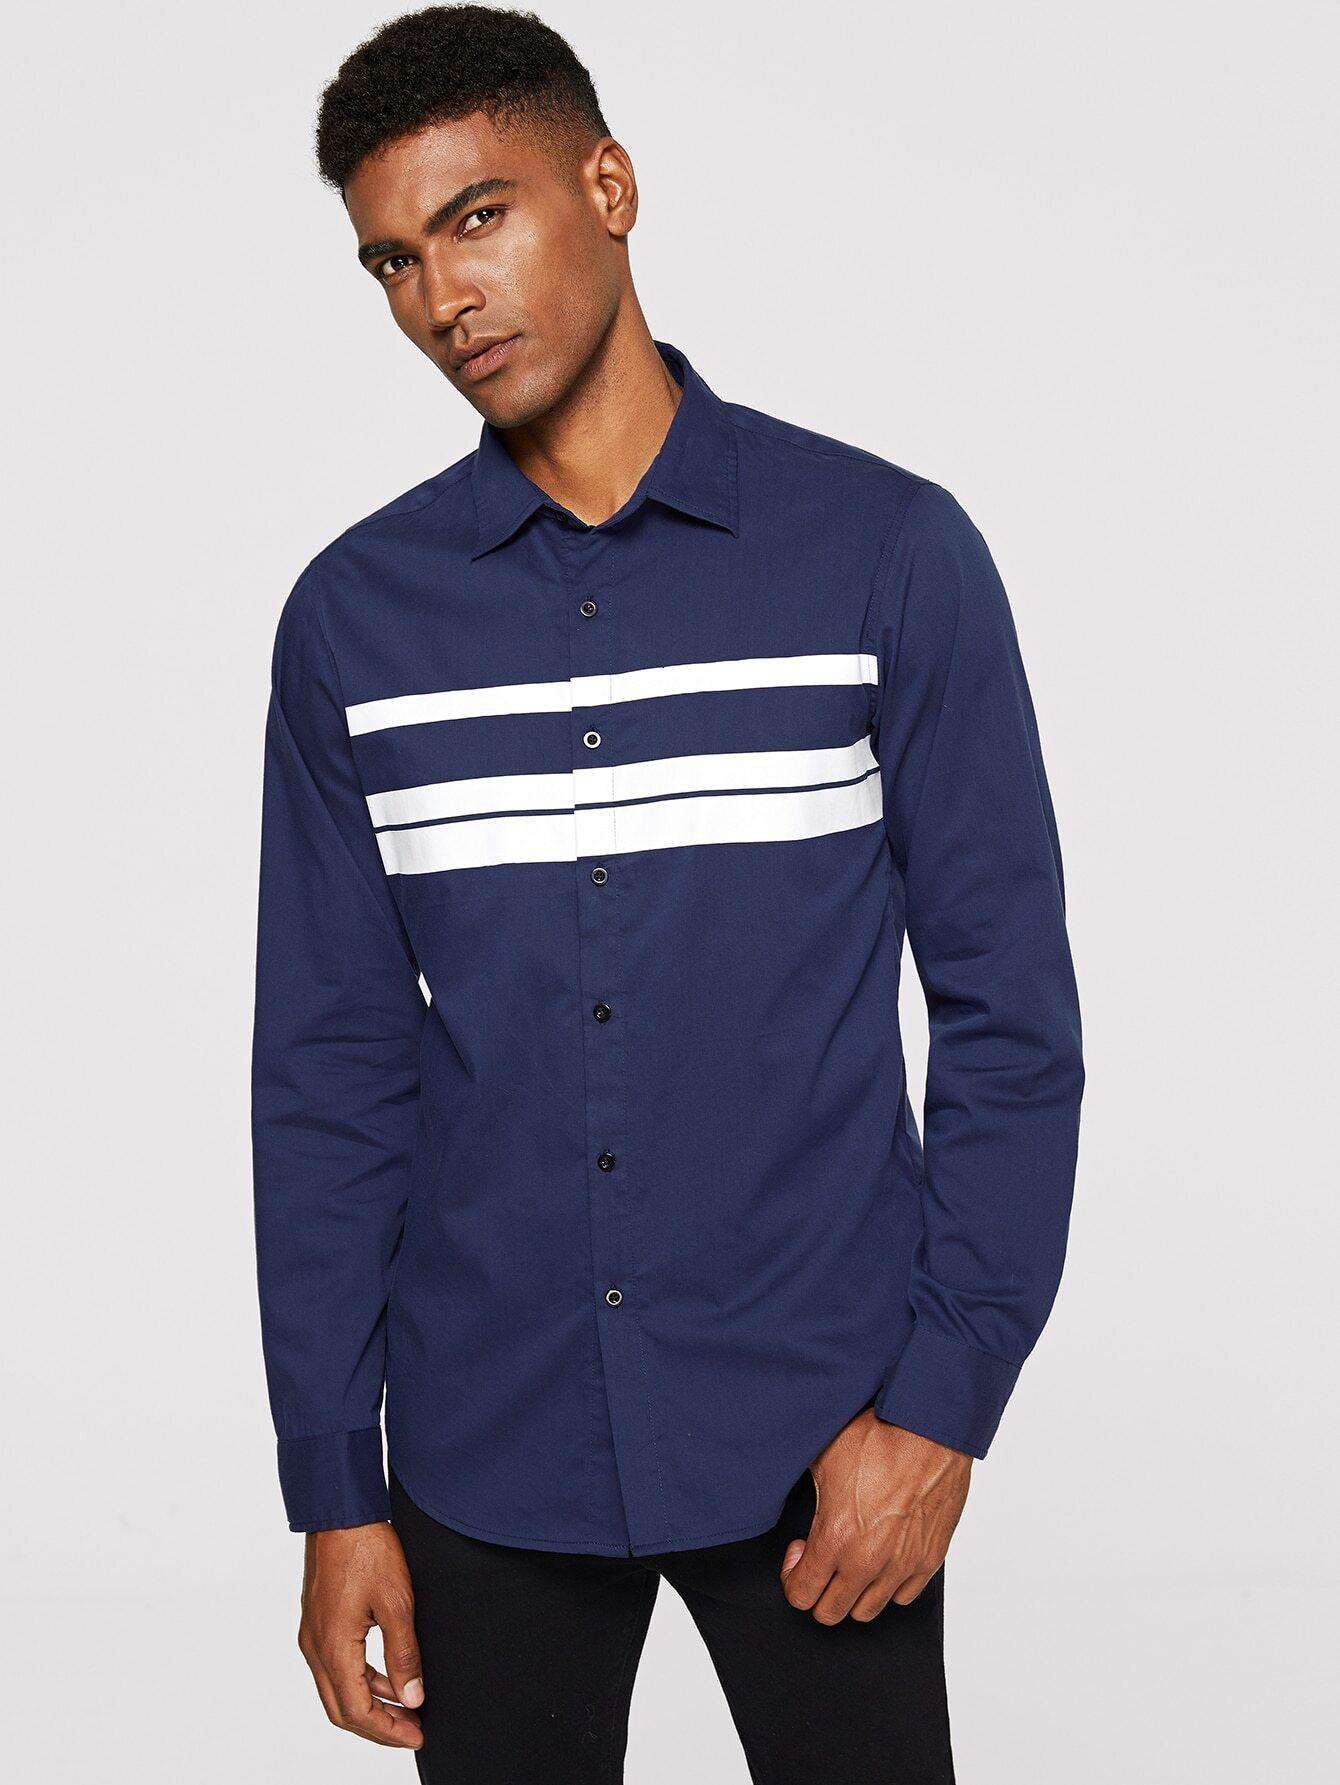 Купить Мужская полосатая рубашка, Johnn Silva, SheIn